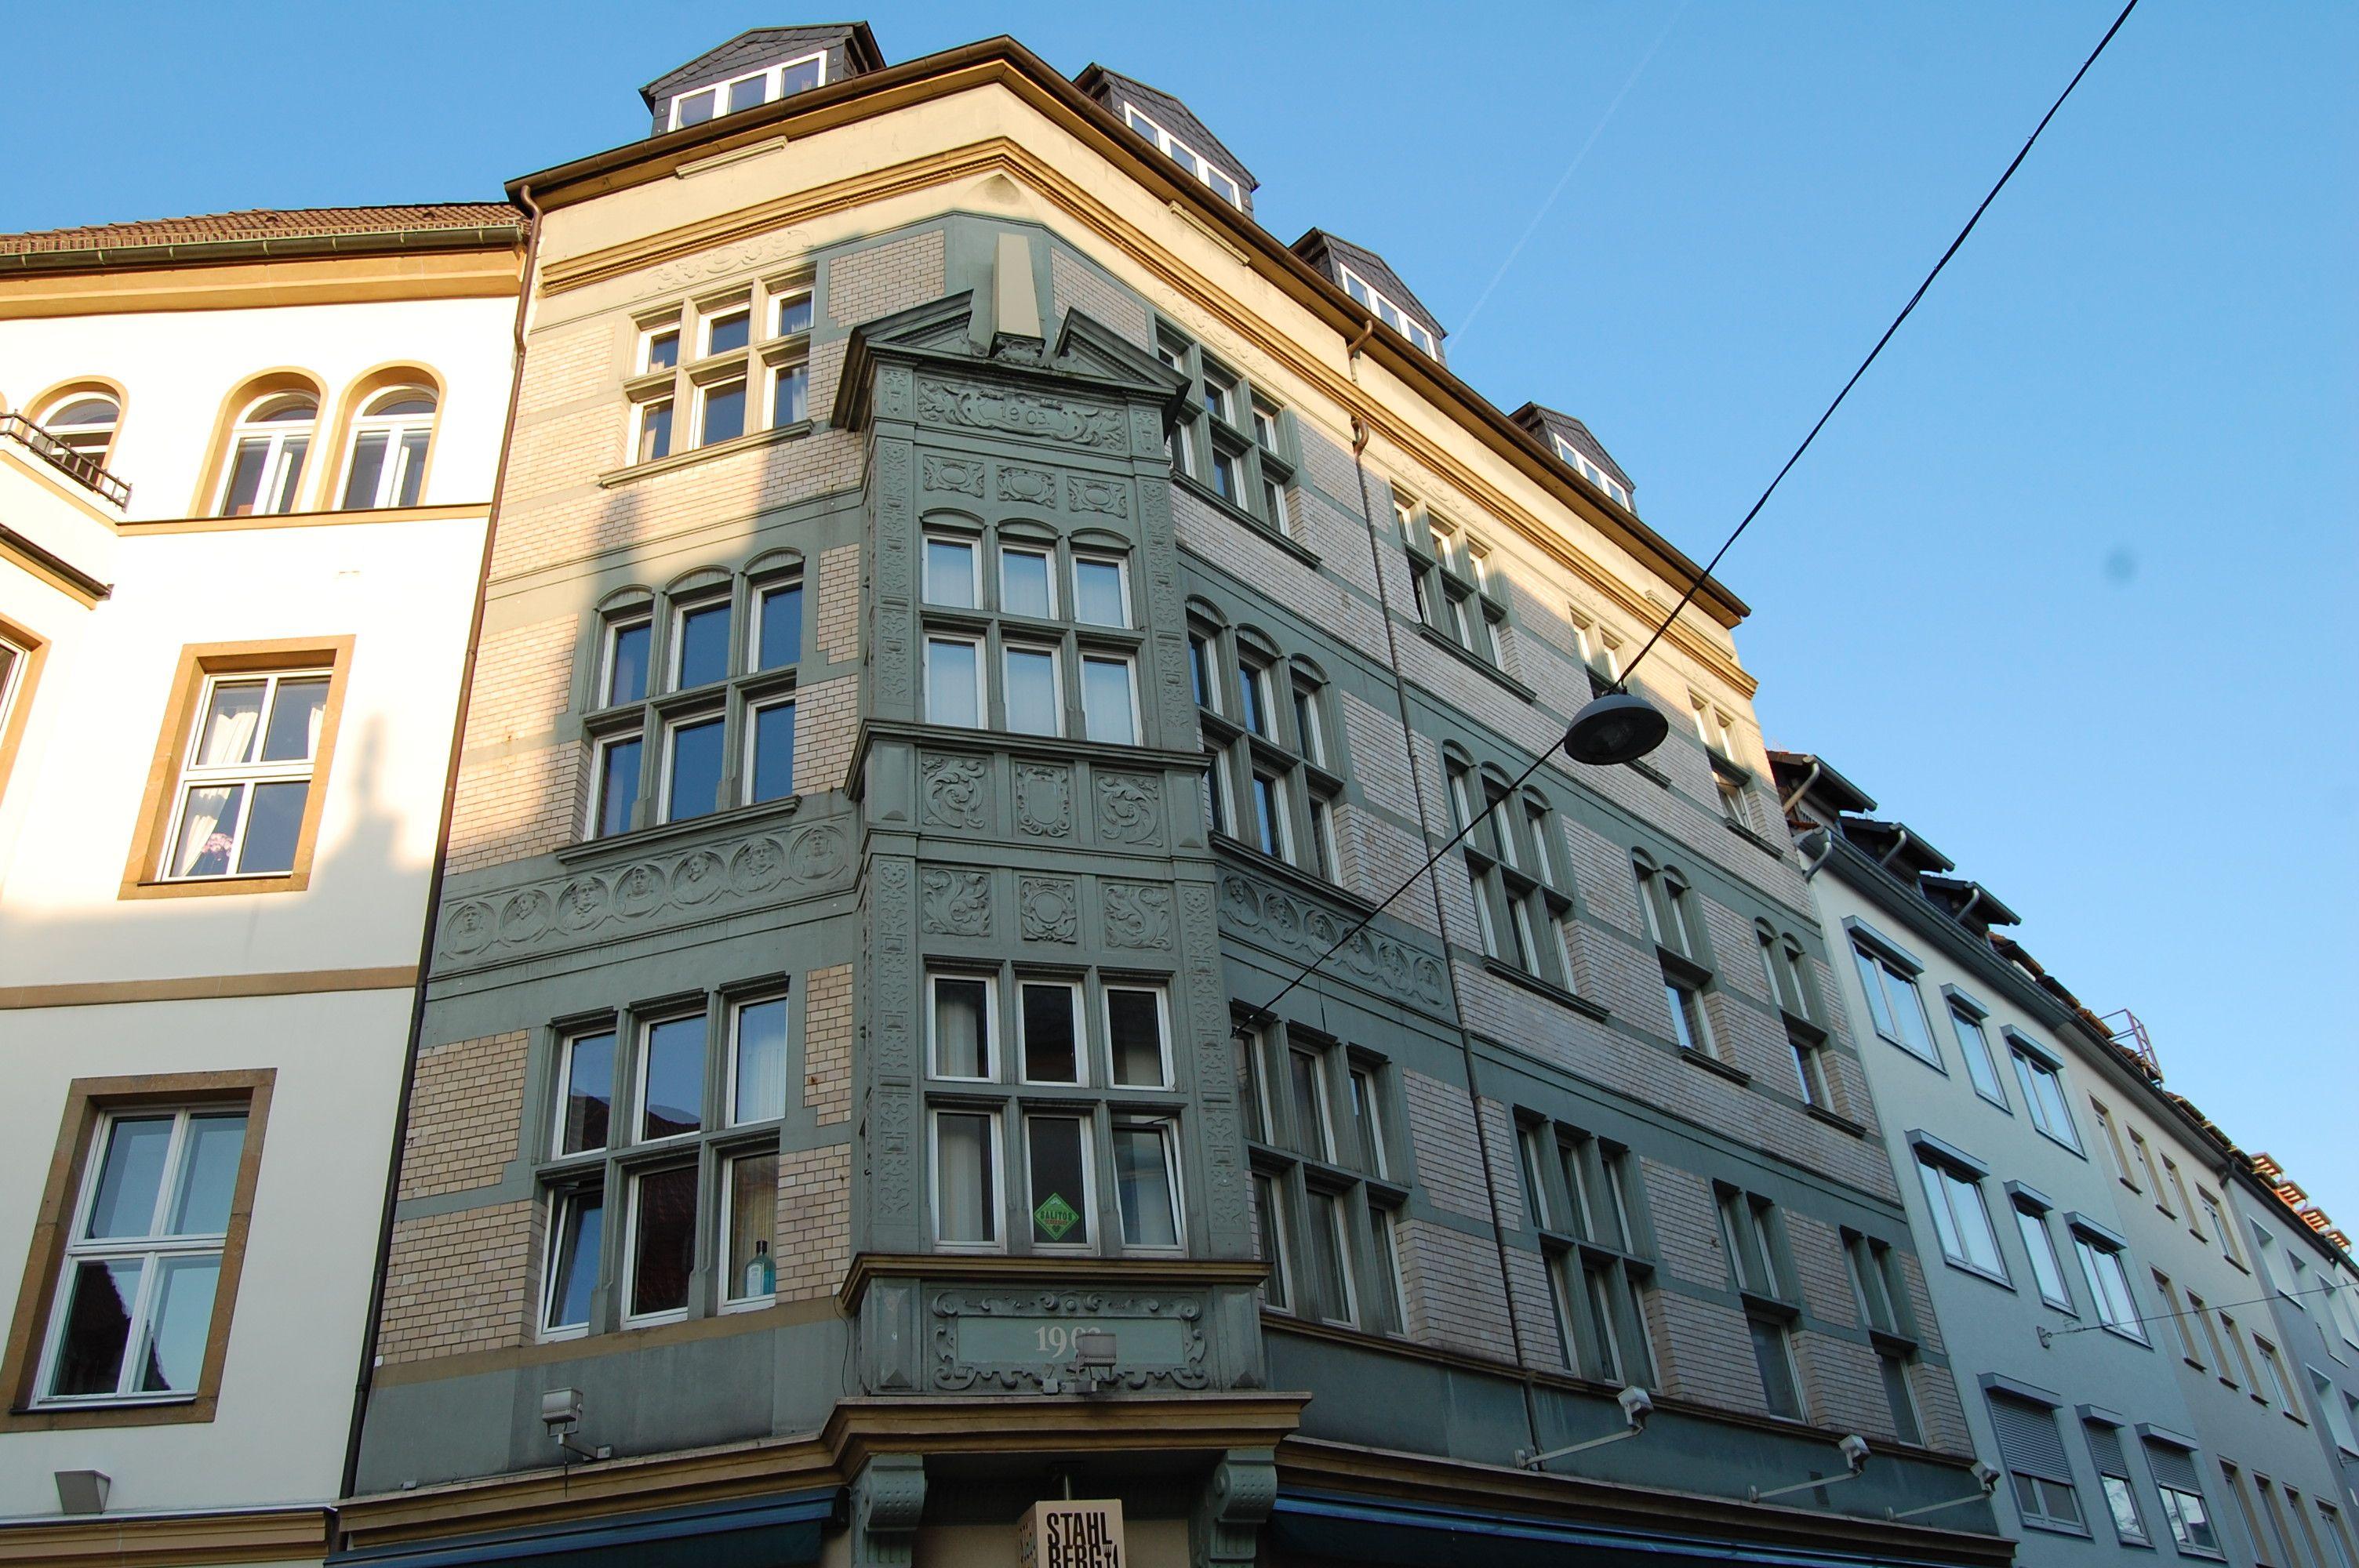 Stadt Bielefeld - interessantes Gebäude mit seinen Details